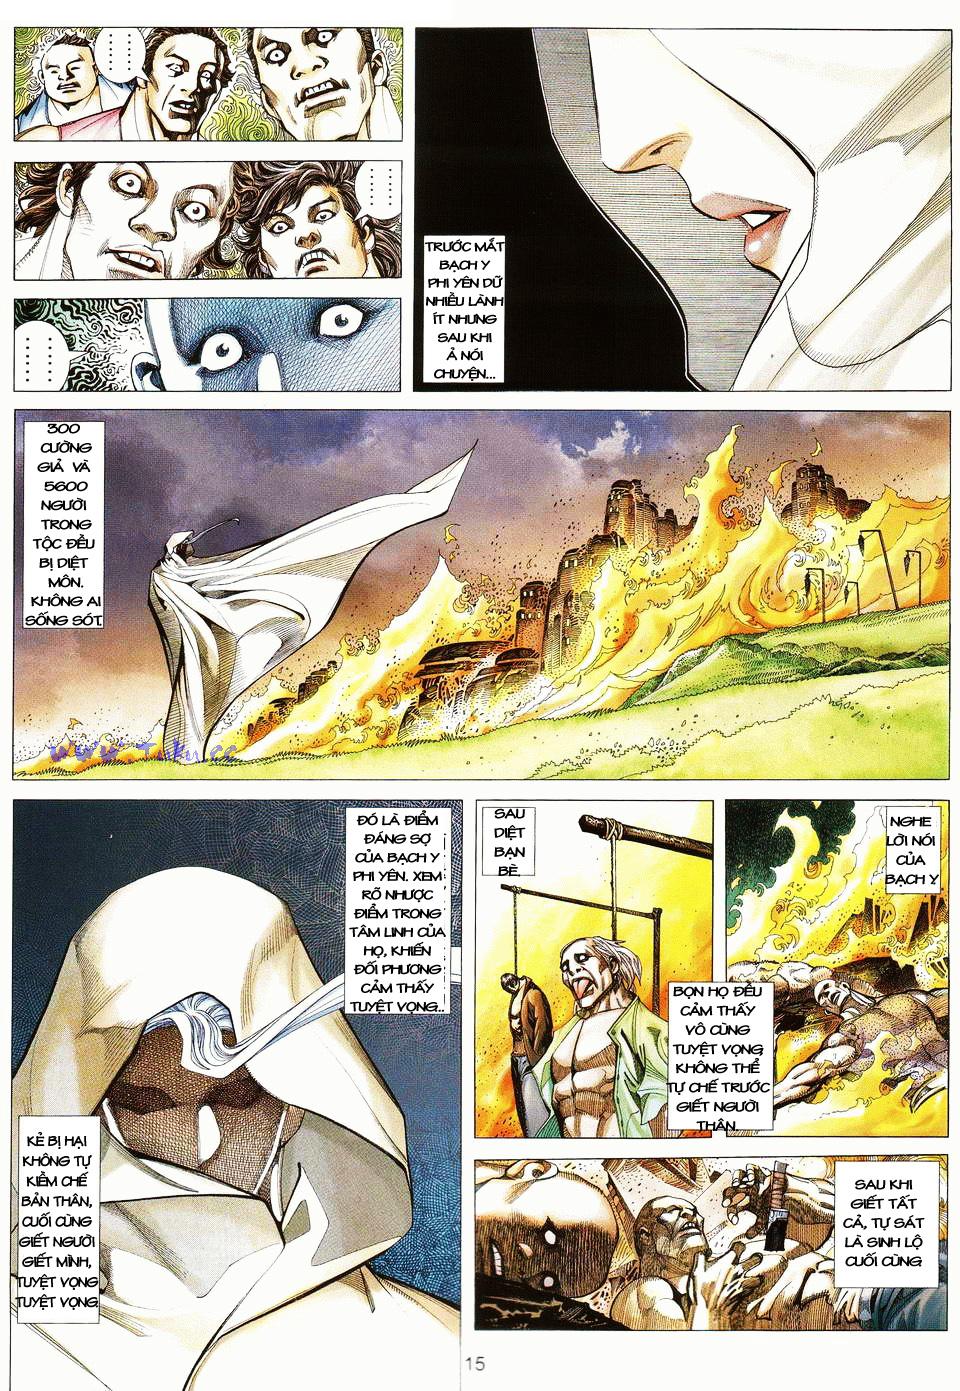 Võ Thần Ngoại Truyện chap 13 - Trang 14